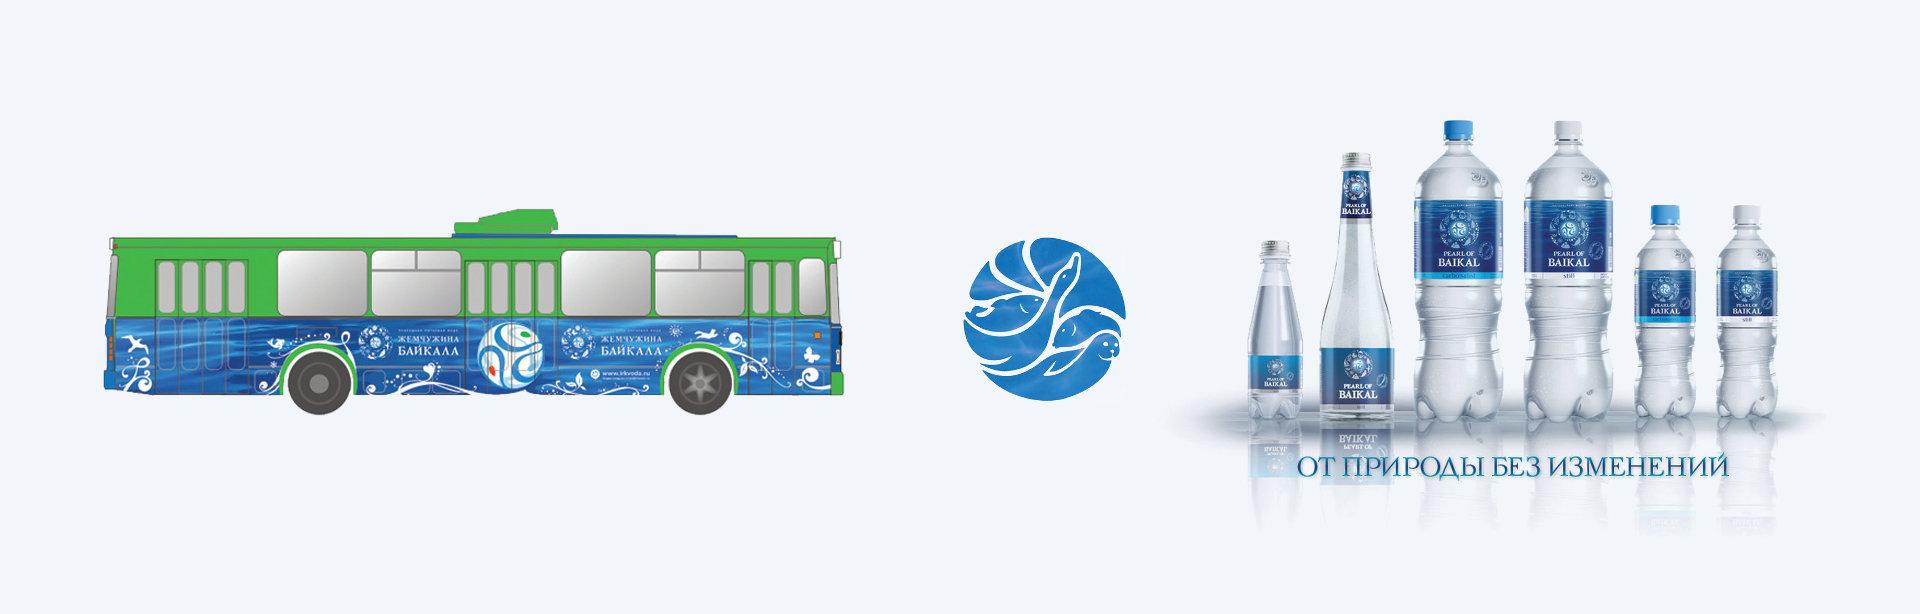 Дизайн логотипа минеральной воды